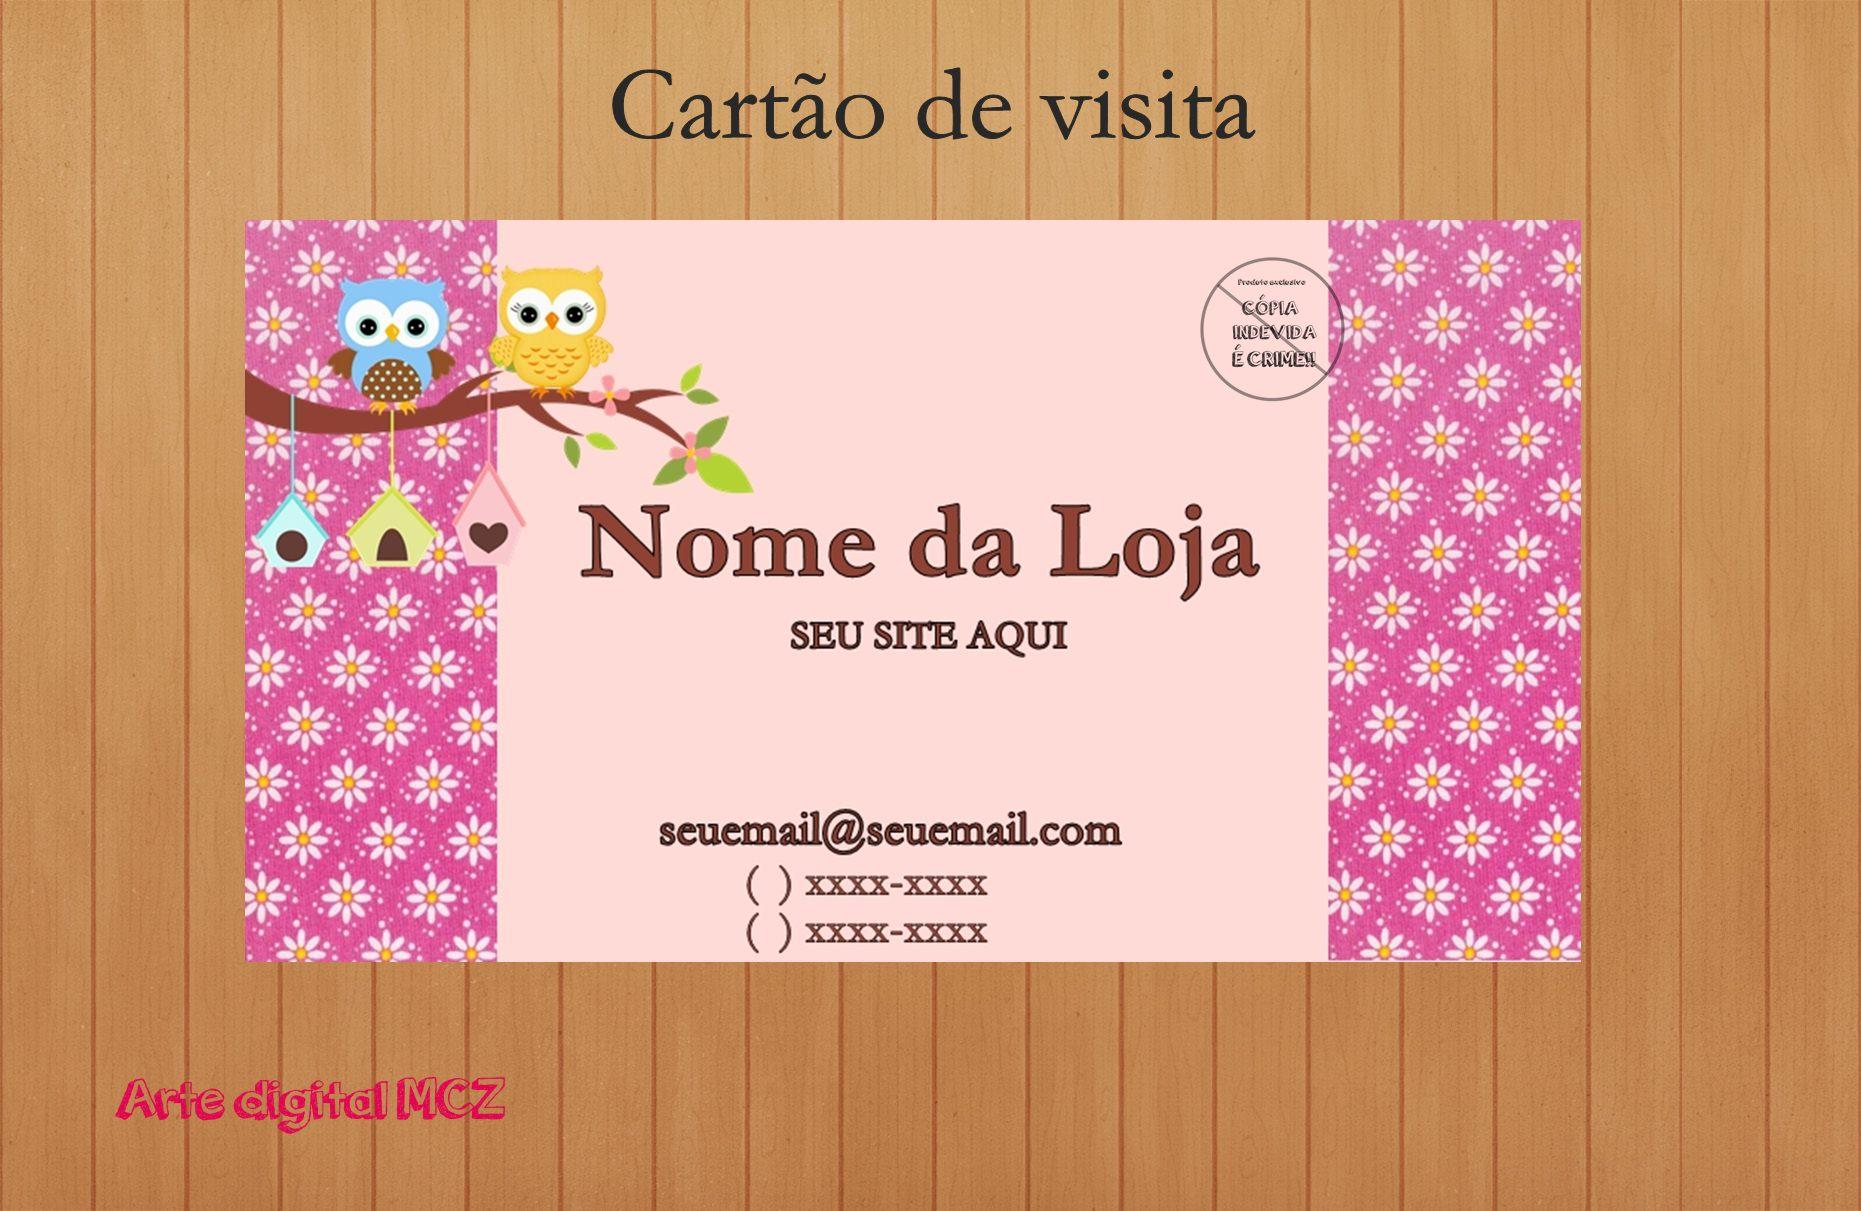 Top Cartao de Visita Corujinha | Elo7 CQ31